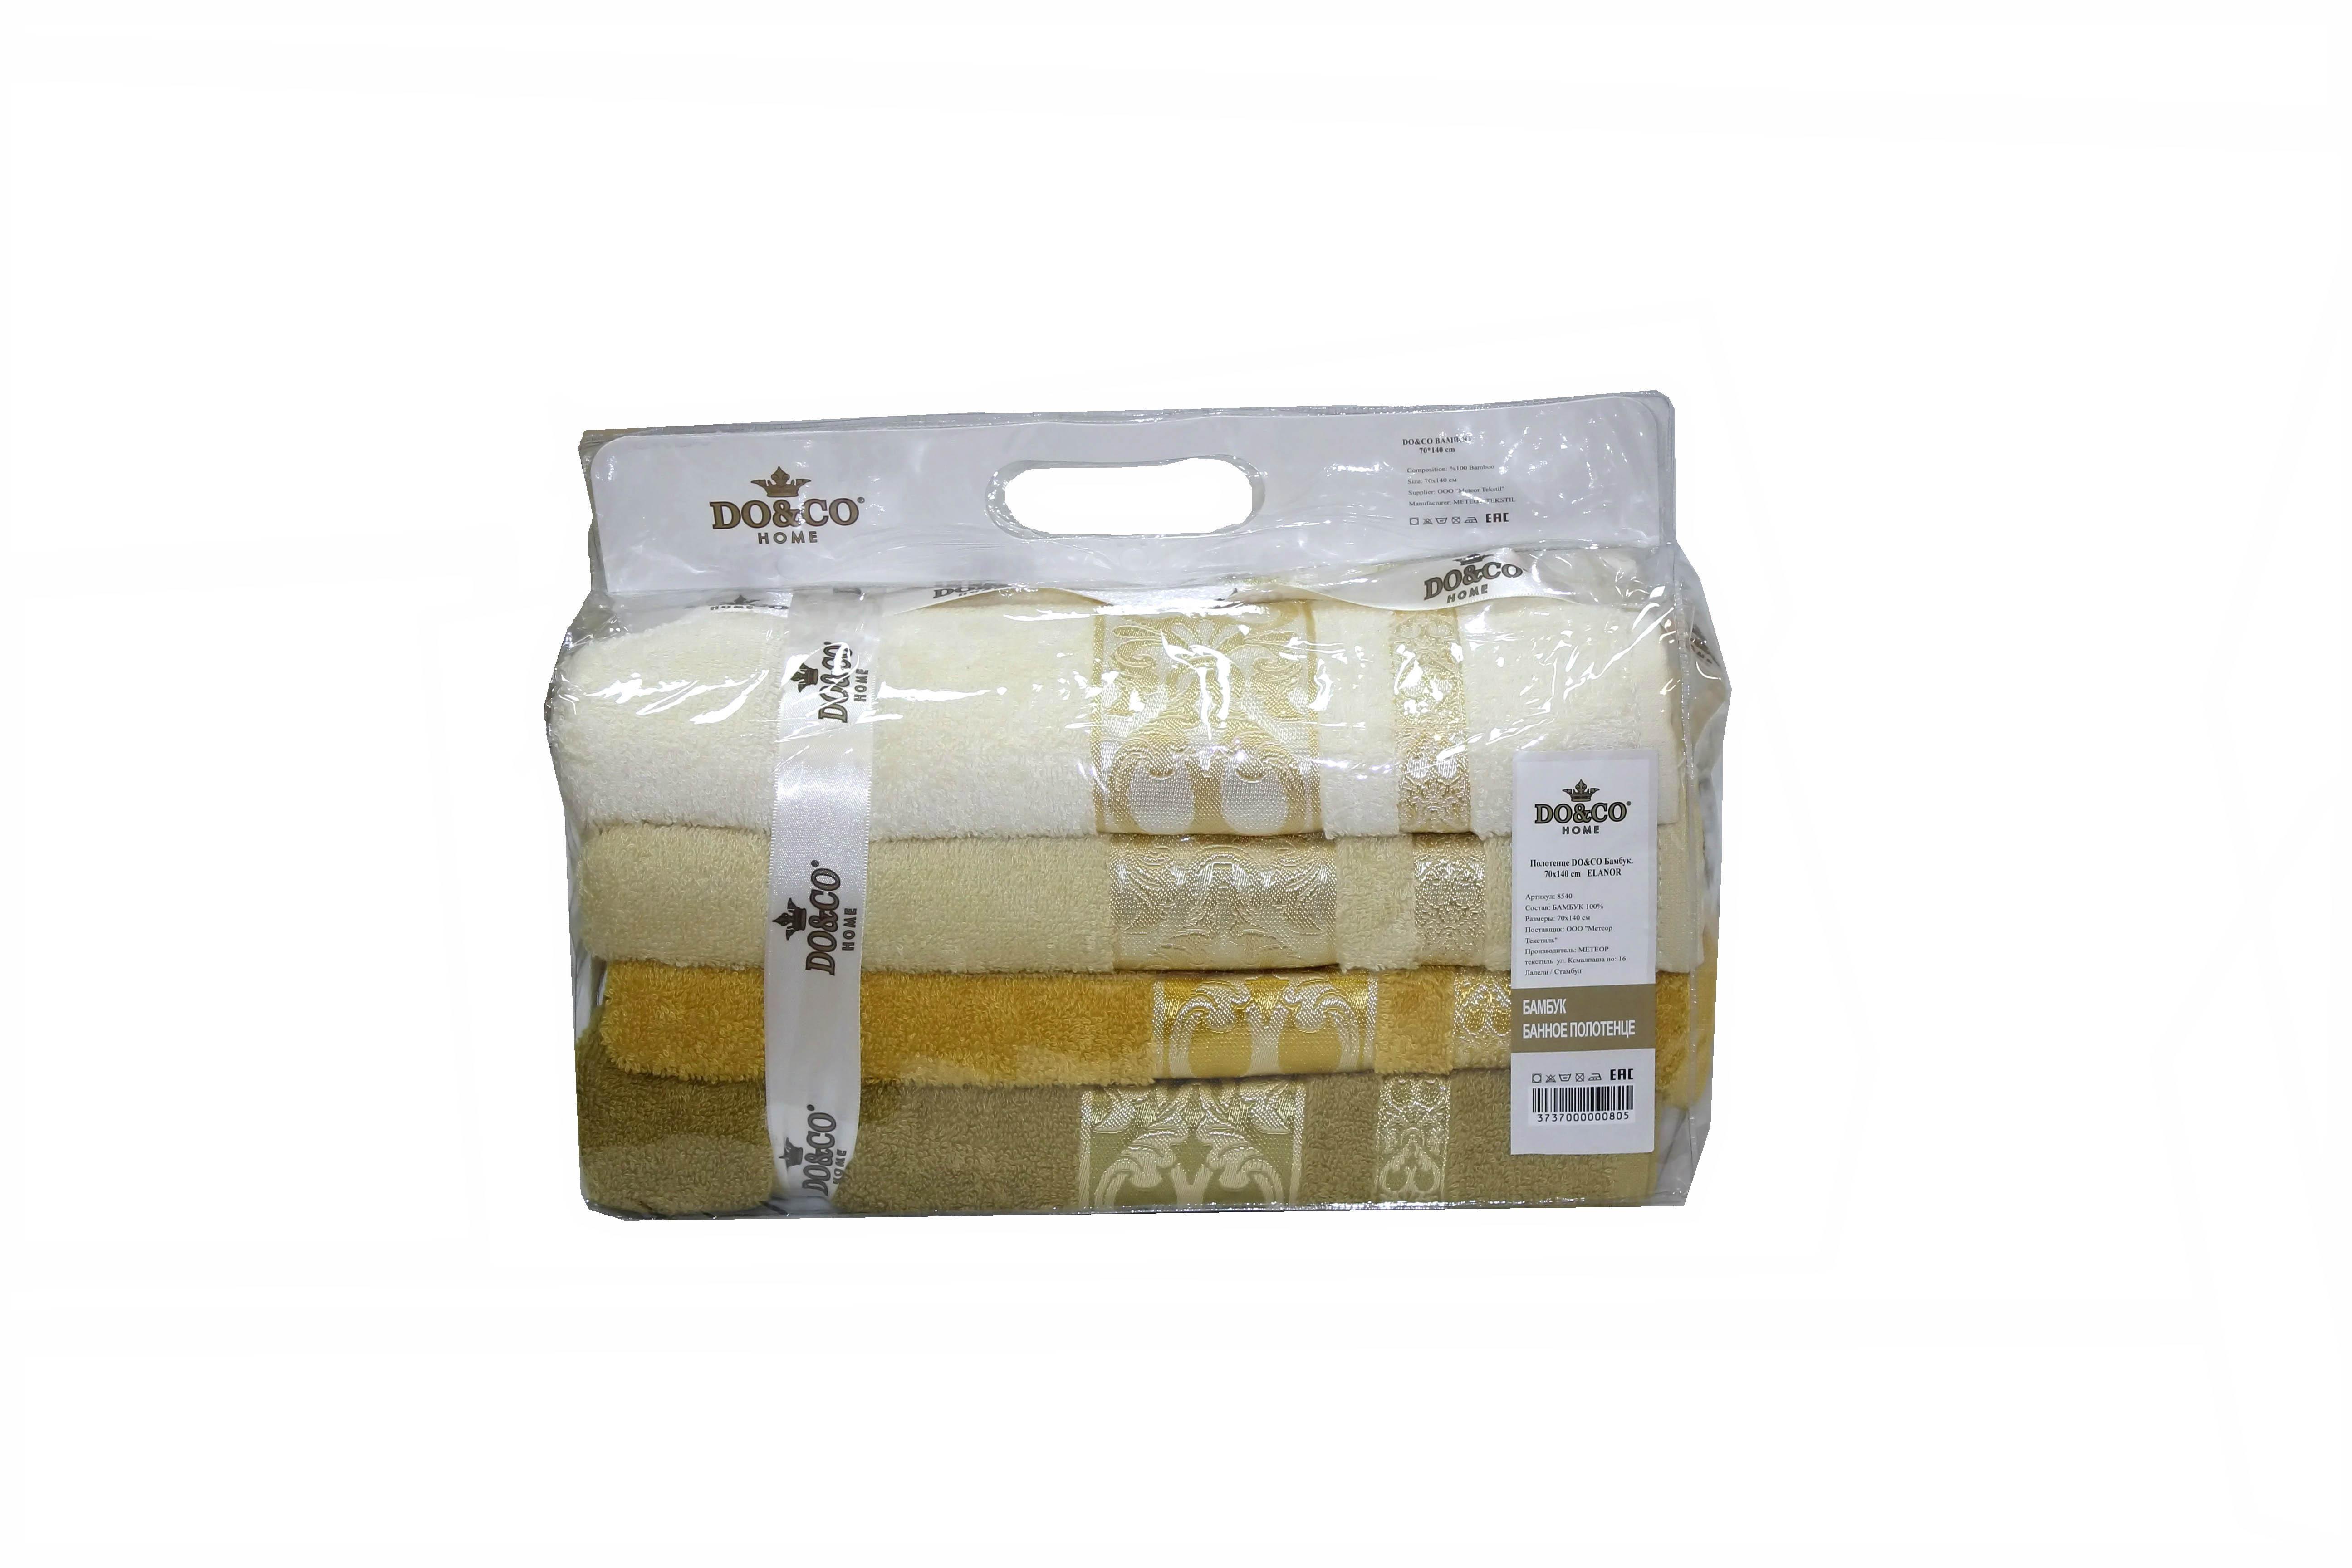 Полотенца DO'n'CO Набор Полотенец Elanor (70х140 см - 4 шт) полотенца do n co набор полотенец clara 70х140 см 4 шт